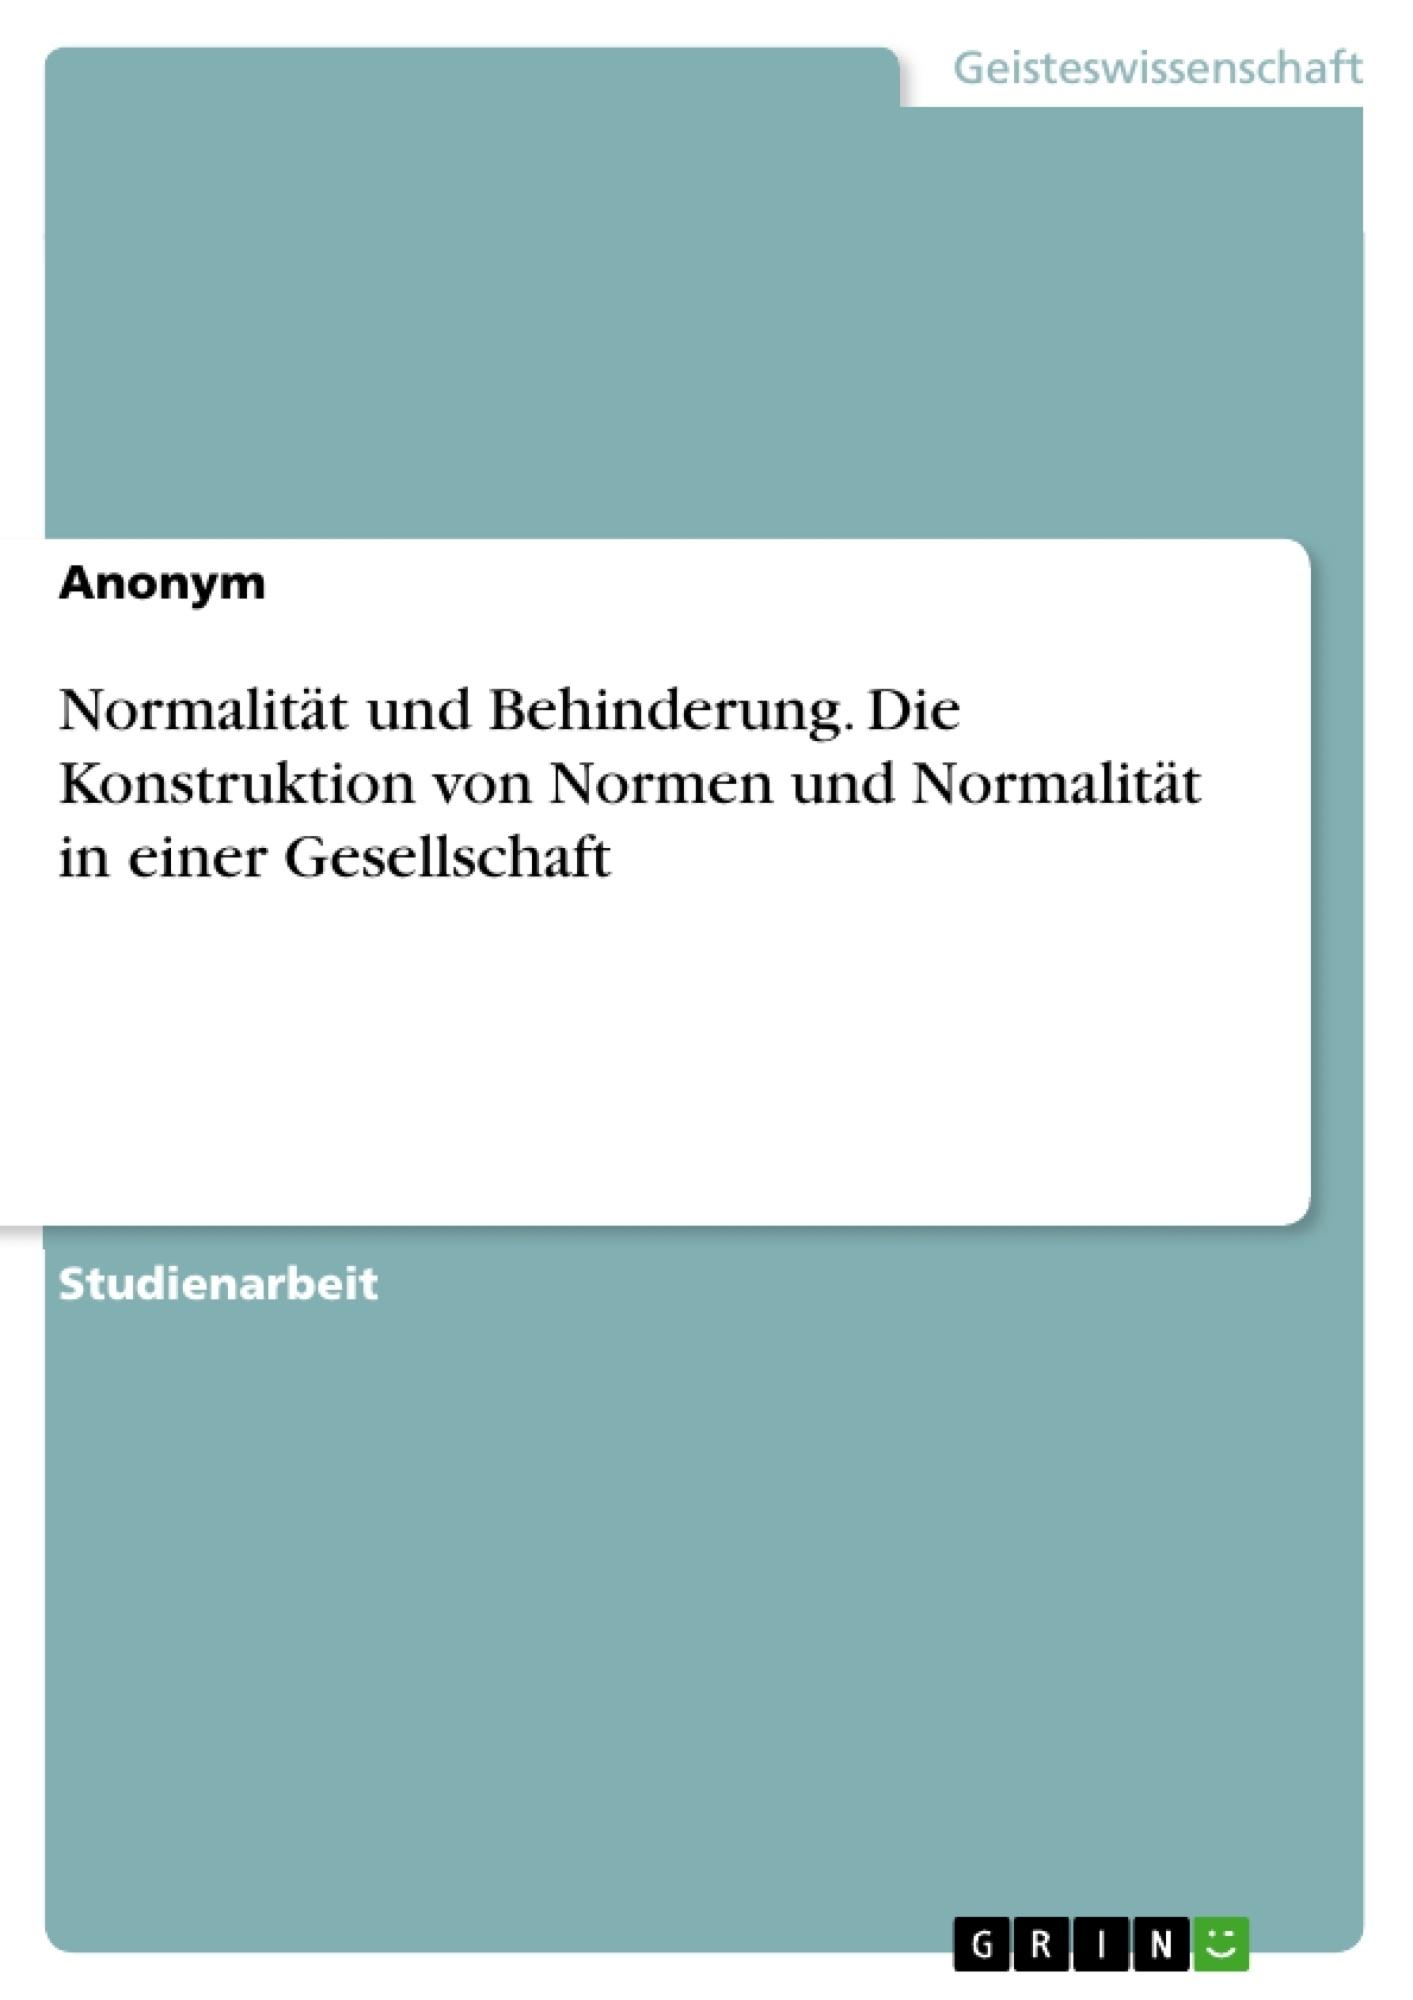 Titel: Normalität und Behinderung. Die Konstruktion von Normen und Normalität in einer Gesellschaft